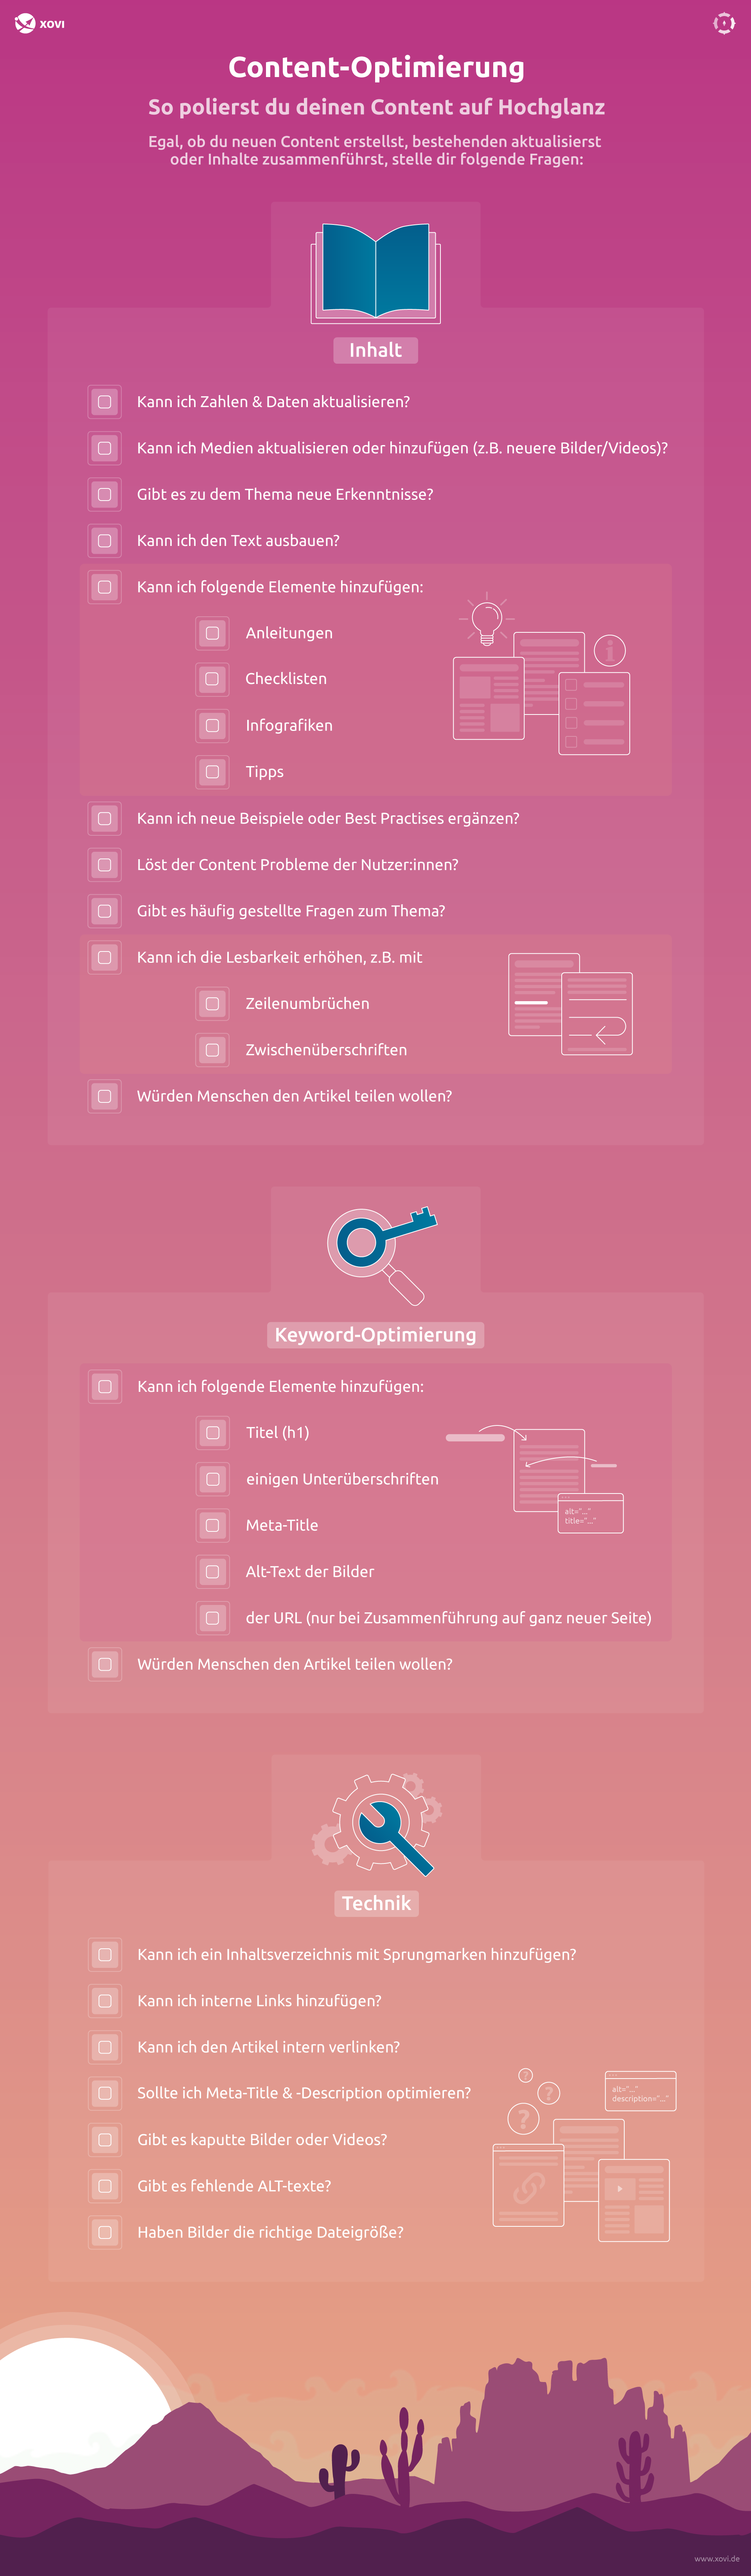 Checkliste für die Content-Optimierung beim Content-Audit